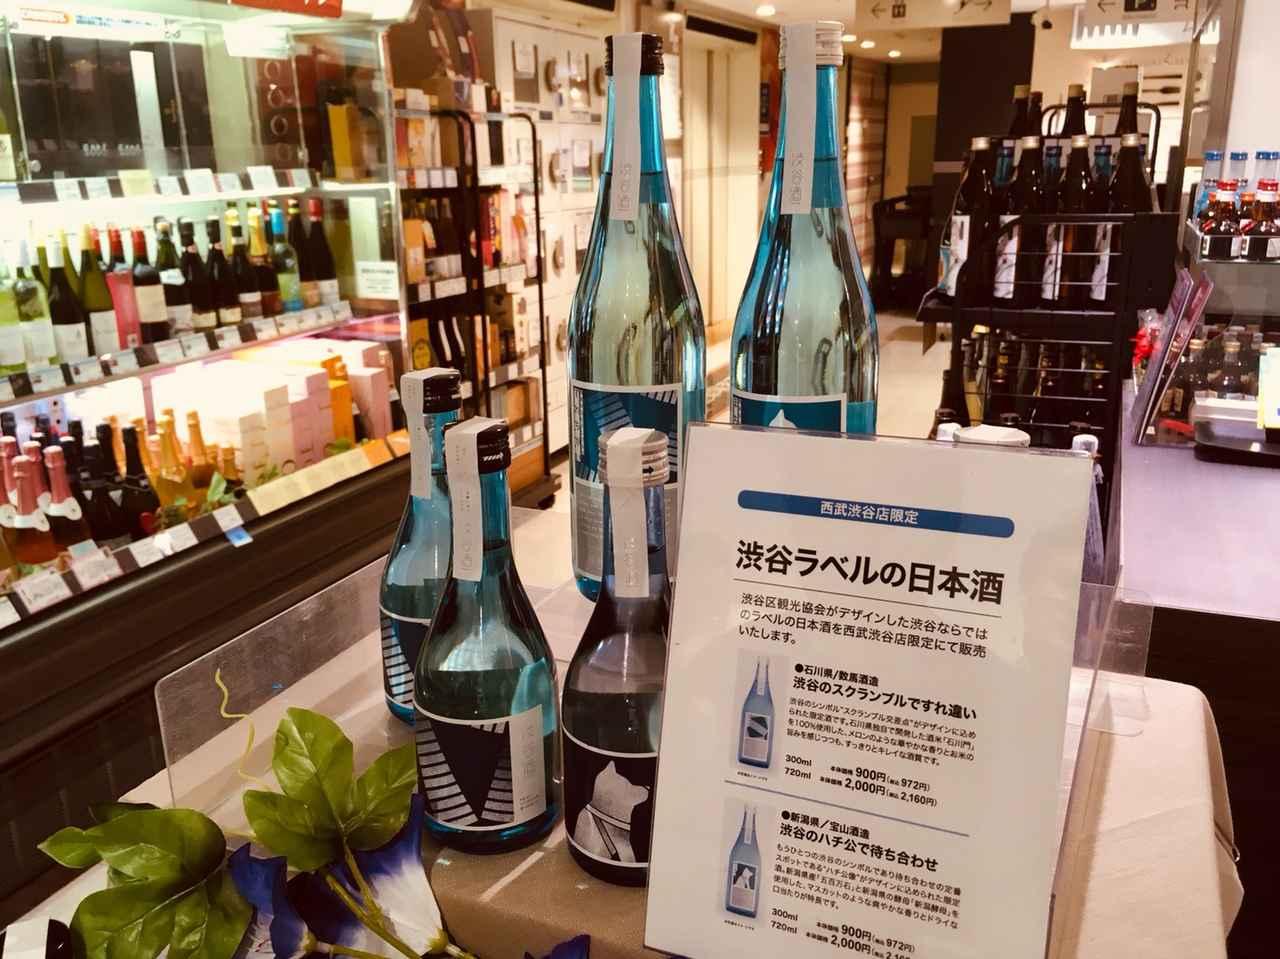 画像: 西武渋谷店 販売イメージ